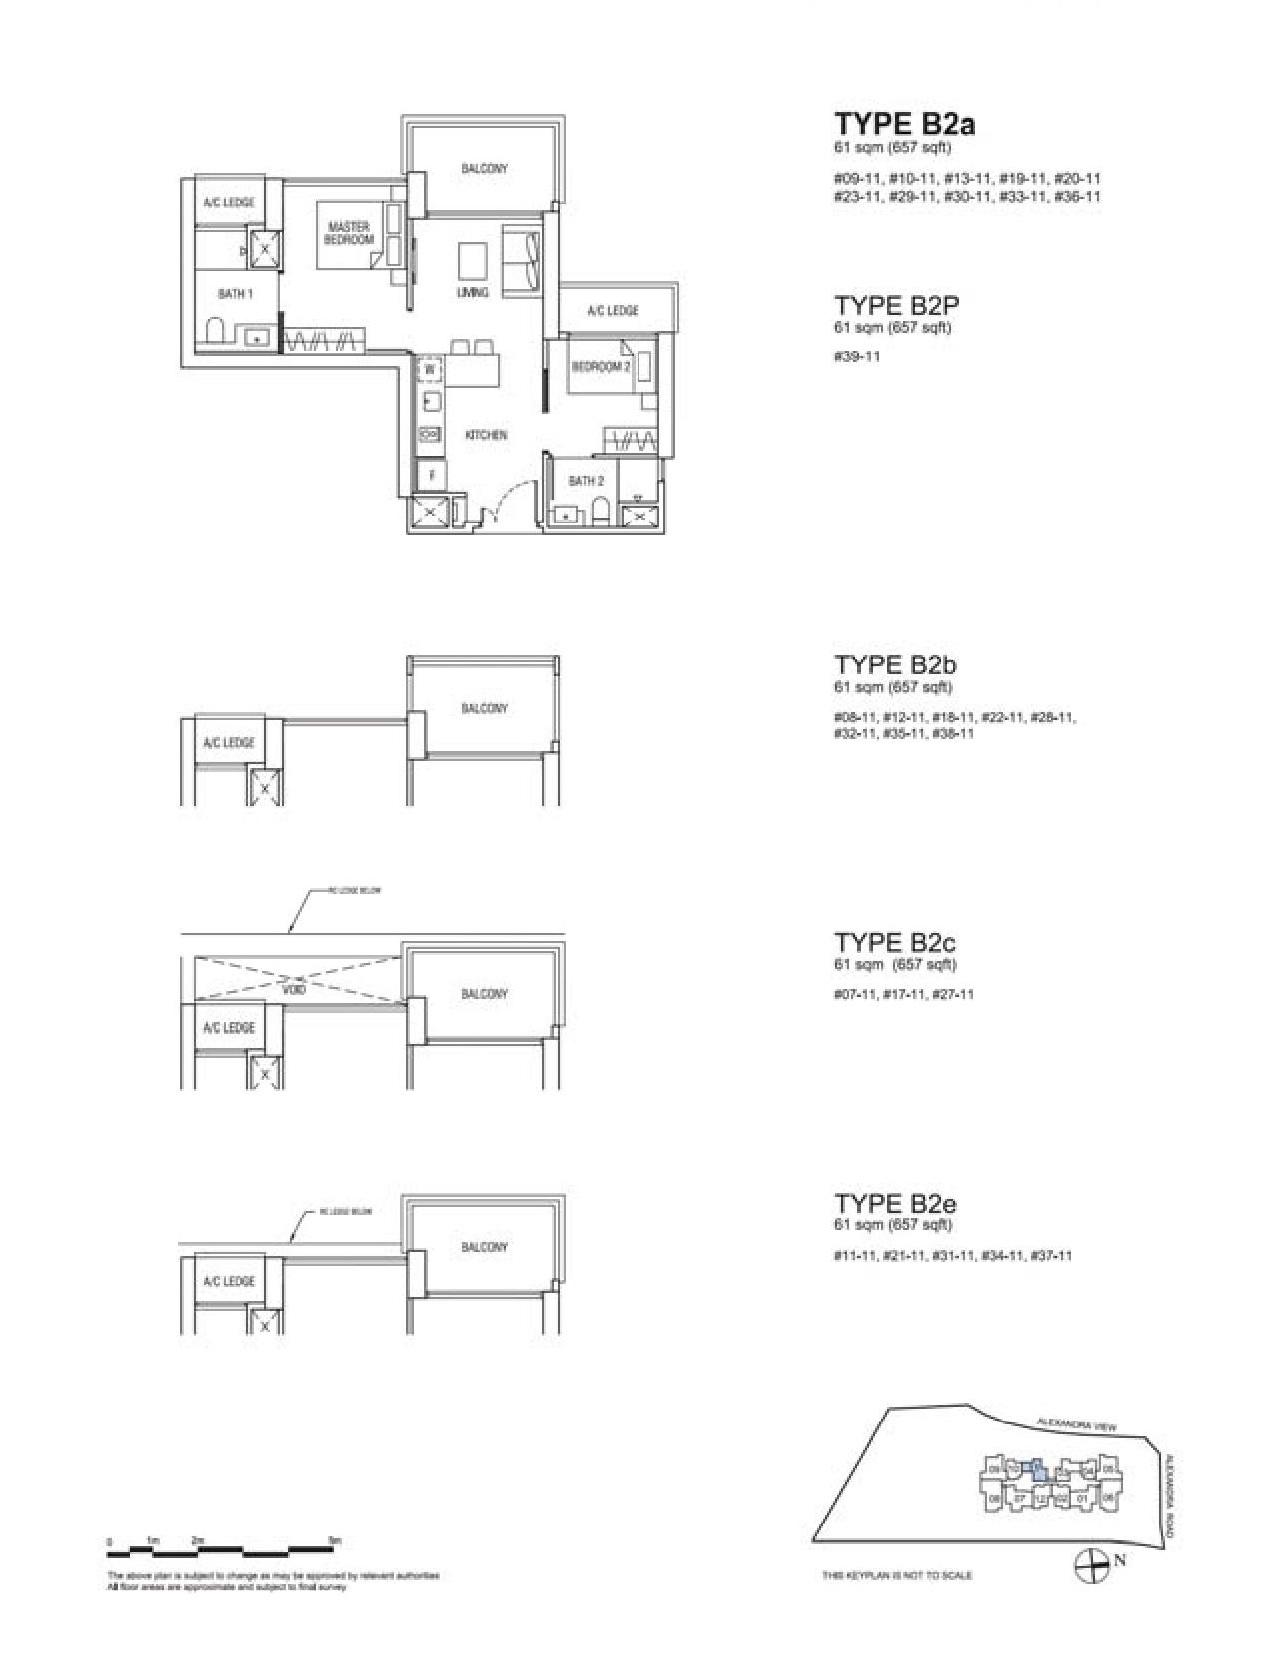 Alex Residences 2 Bedroom Type B2a, B2P, B2b, B2c, B2e Floor Plans